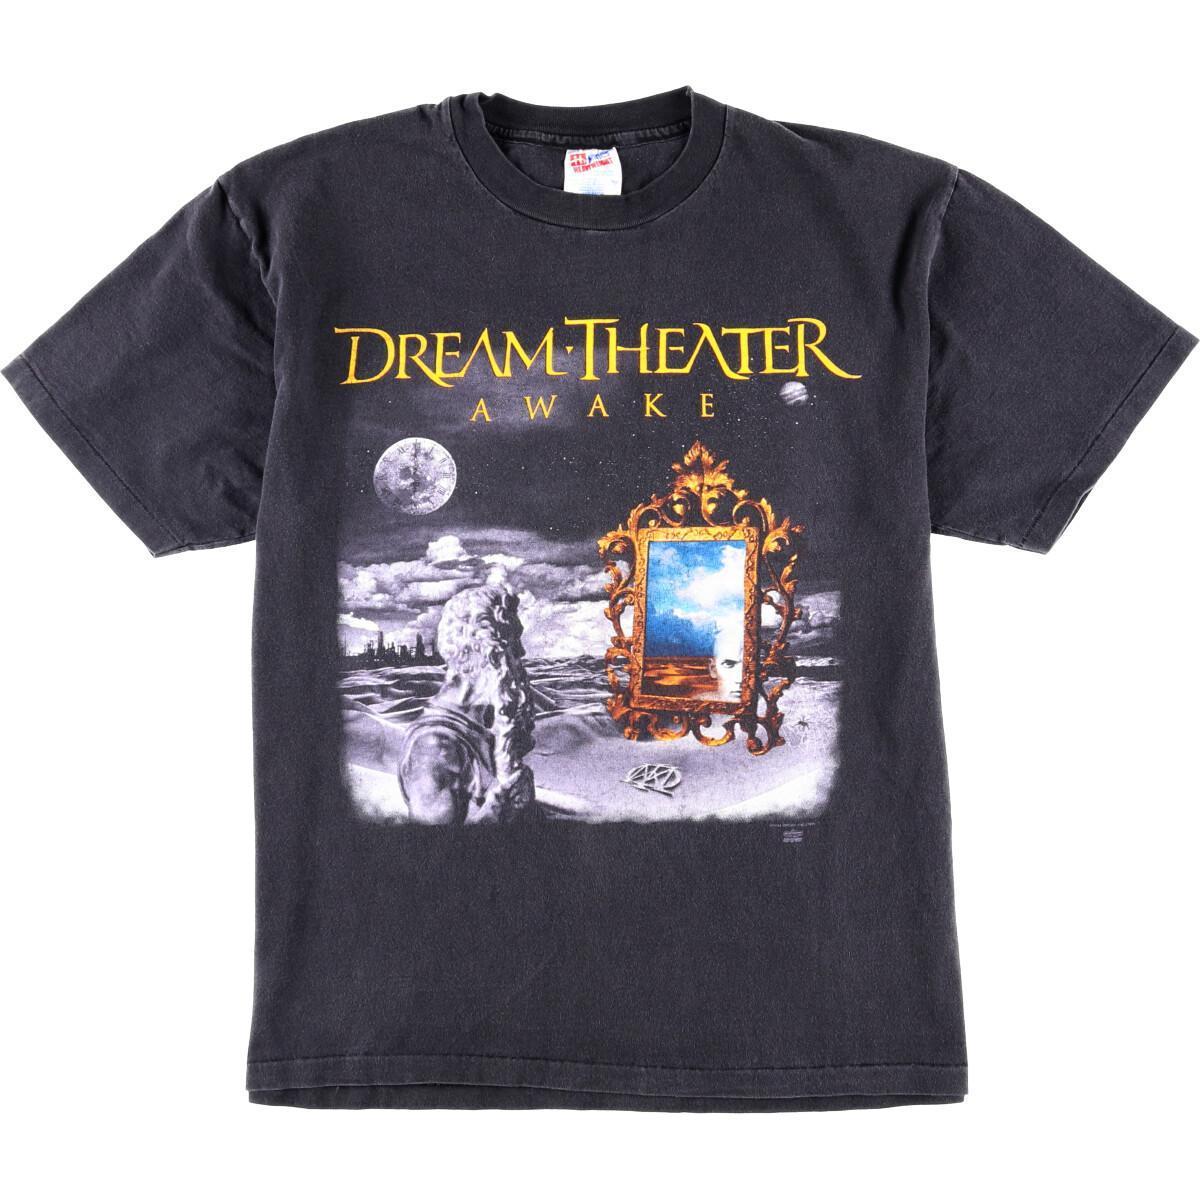 90年代 ヘインズ Hanes DREAM-THEATER ドリームシアター WAKING UP THE WORLD TOUR 94-95 バンドTシャツ USA製 メンズL /wbj0231 【中古】 【200227】